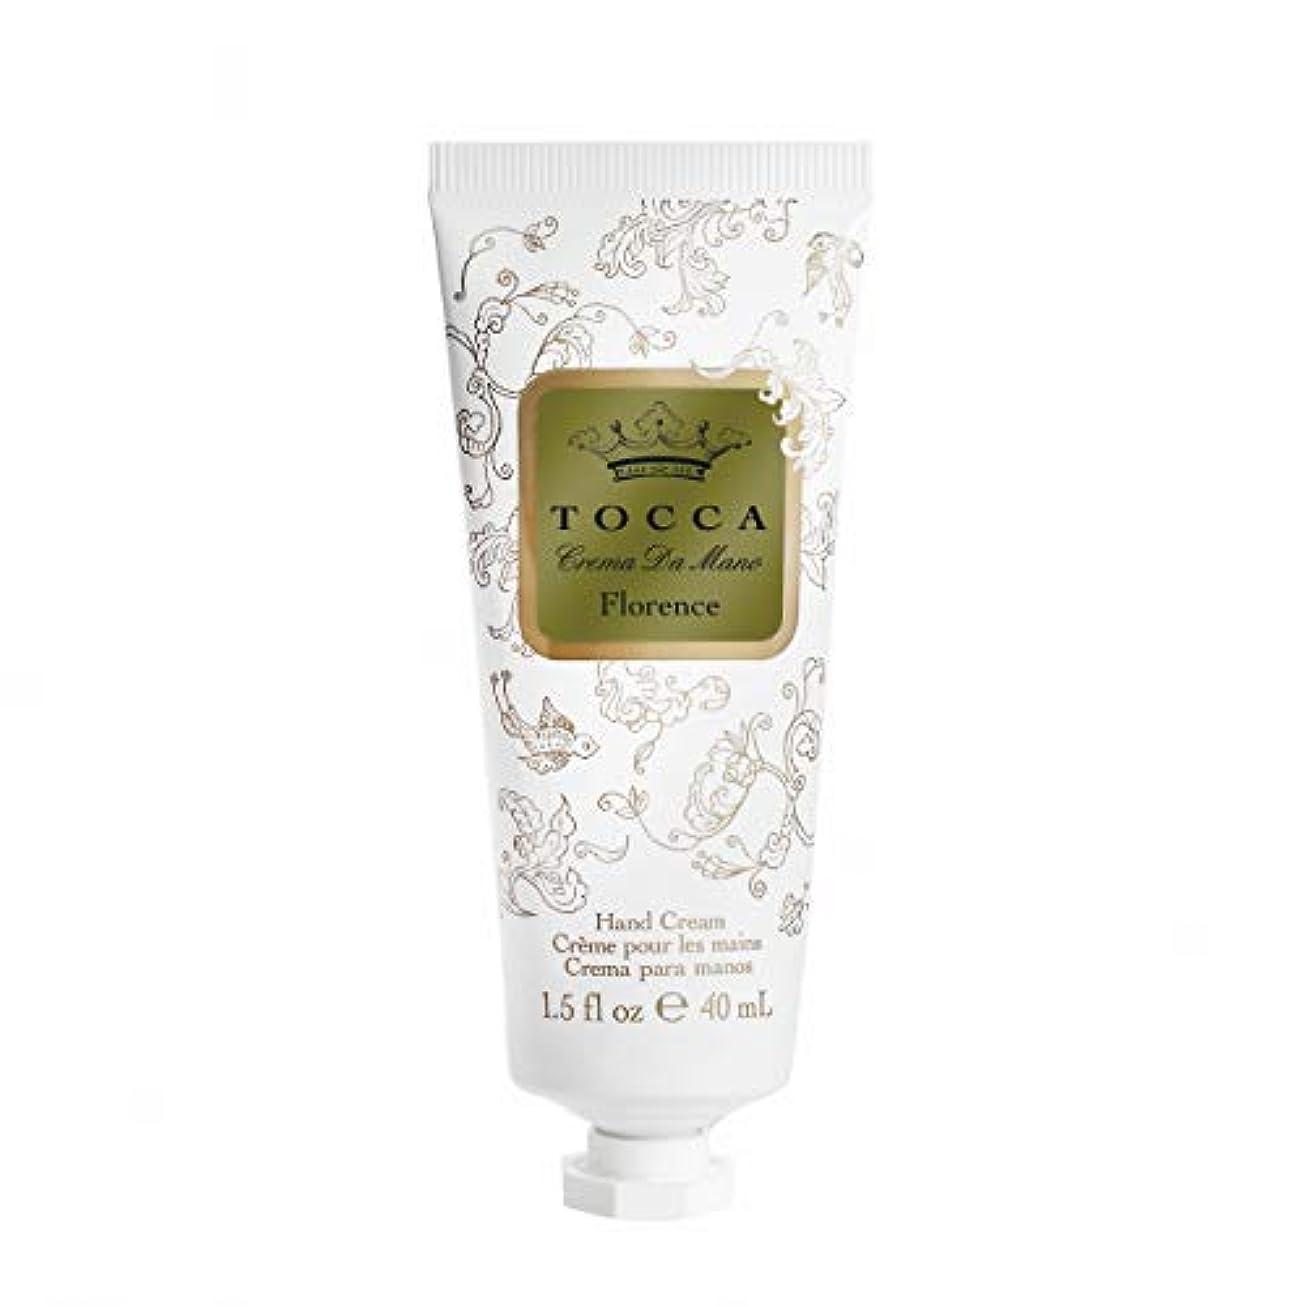 トッカ(TOCCA) ハンドクリーム フローレンスの香り 40mL (ガーデニアとベルガモットが誘うように溶け合うどこまでも上品なフローラルの香り)